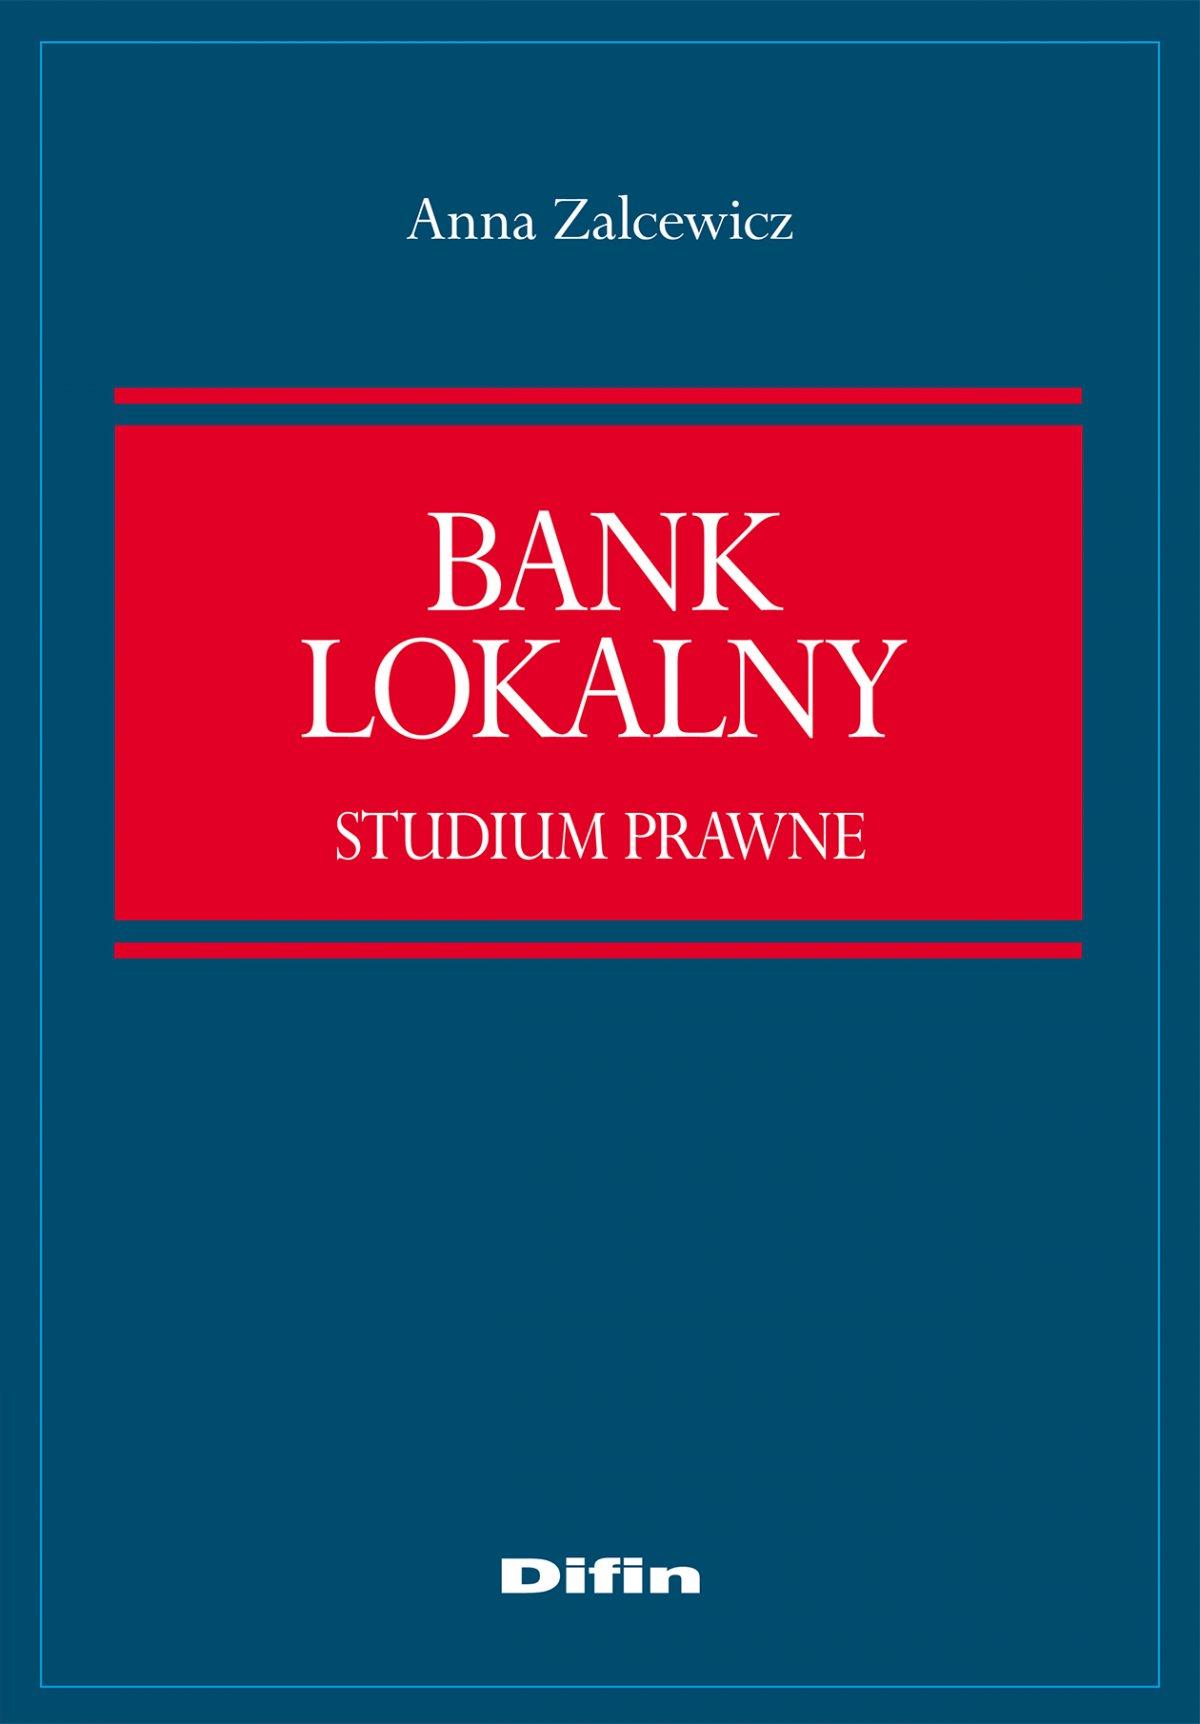 Bank lokalny. Studium prawne - Ebook (Książka EPUB) do pobrania w formacie EPUB